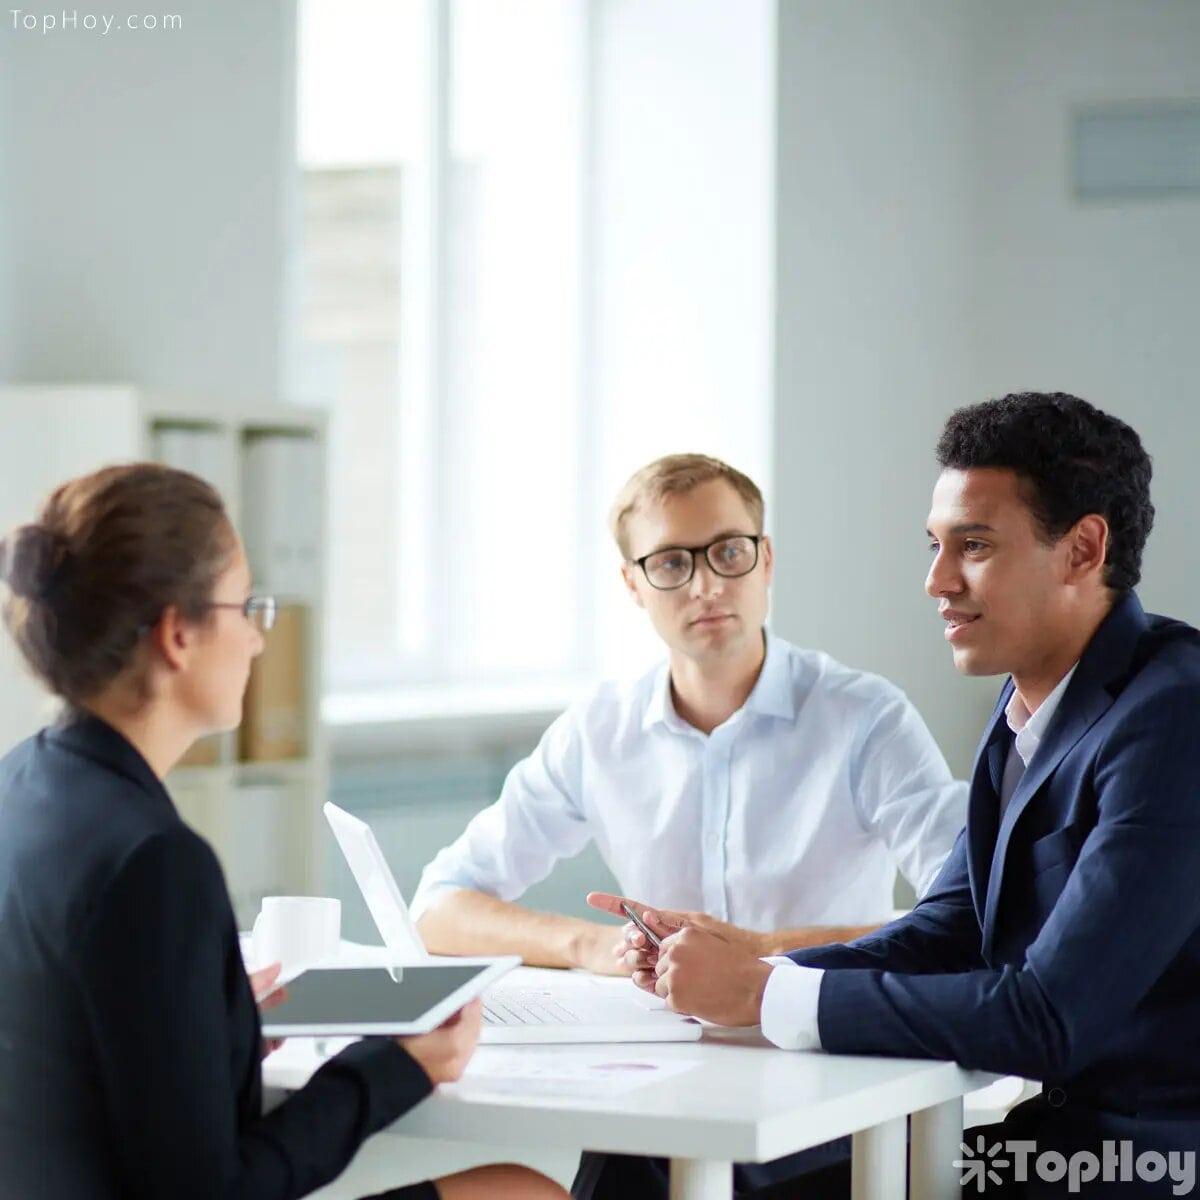 No te quedes con dudas. Si no tienes claras las tareas que desempeñarás en el cargo, u otras inquietudes sobre la empresa, pregunta; así además de notarse tu interés, te quedará despejado el panorama.